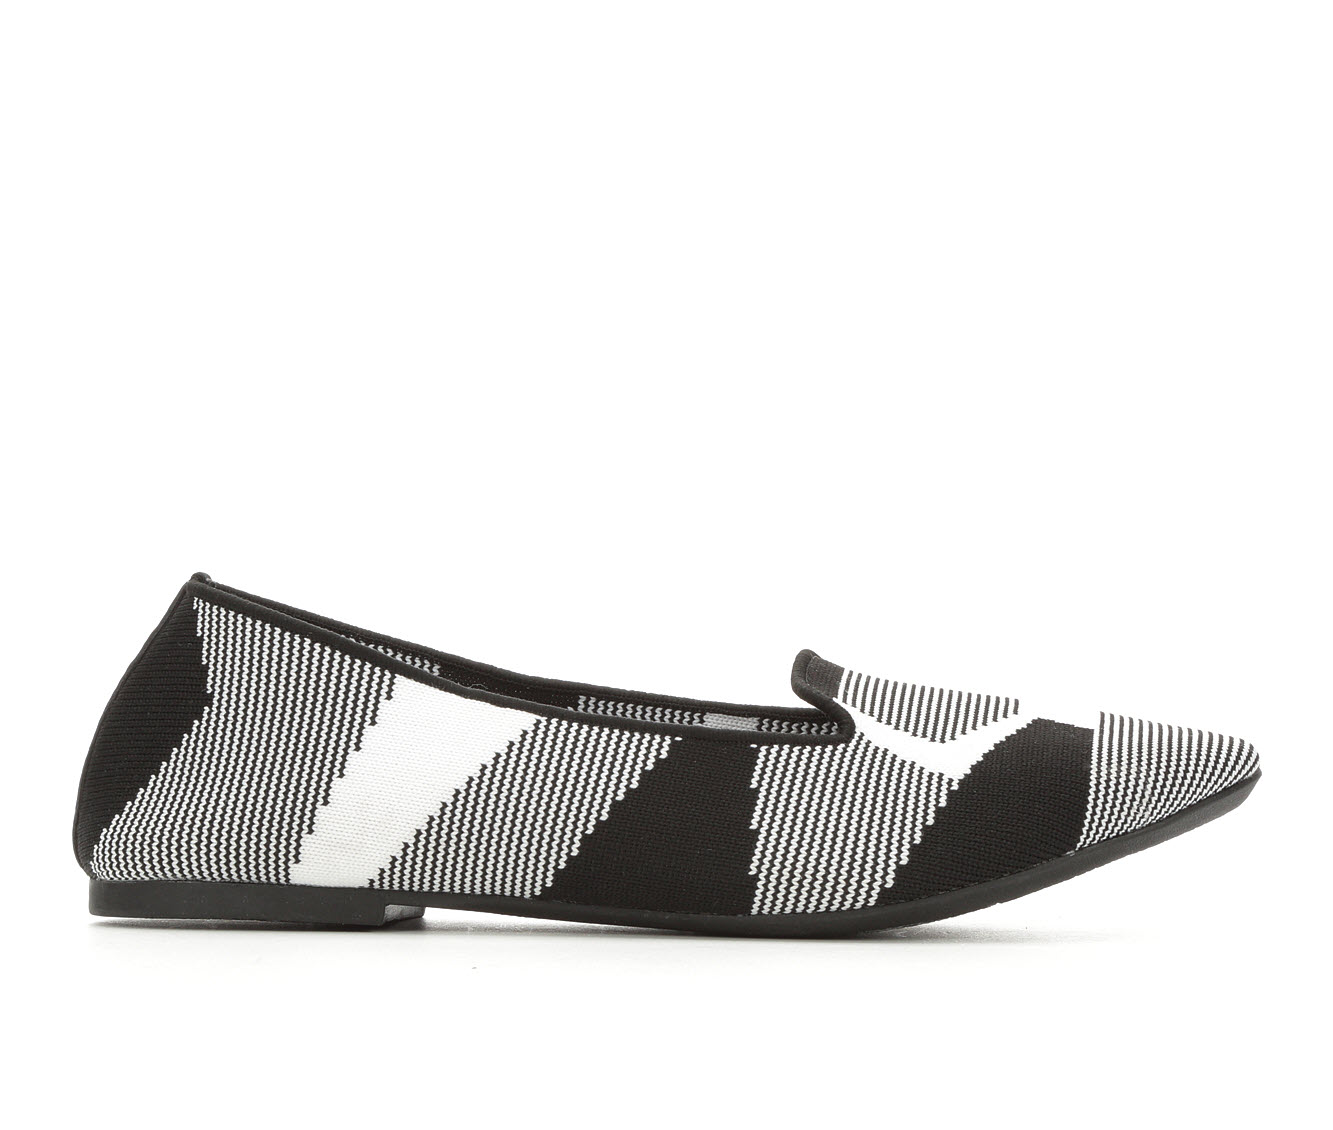 Skechers Cleo Sherlock 44731 Women's Shoe (Black Canvas)